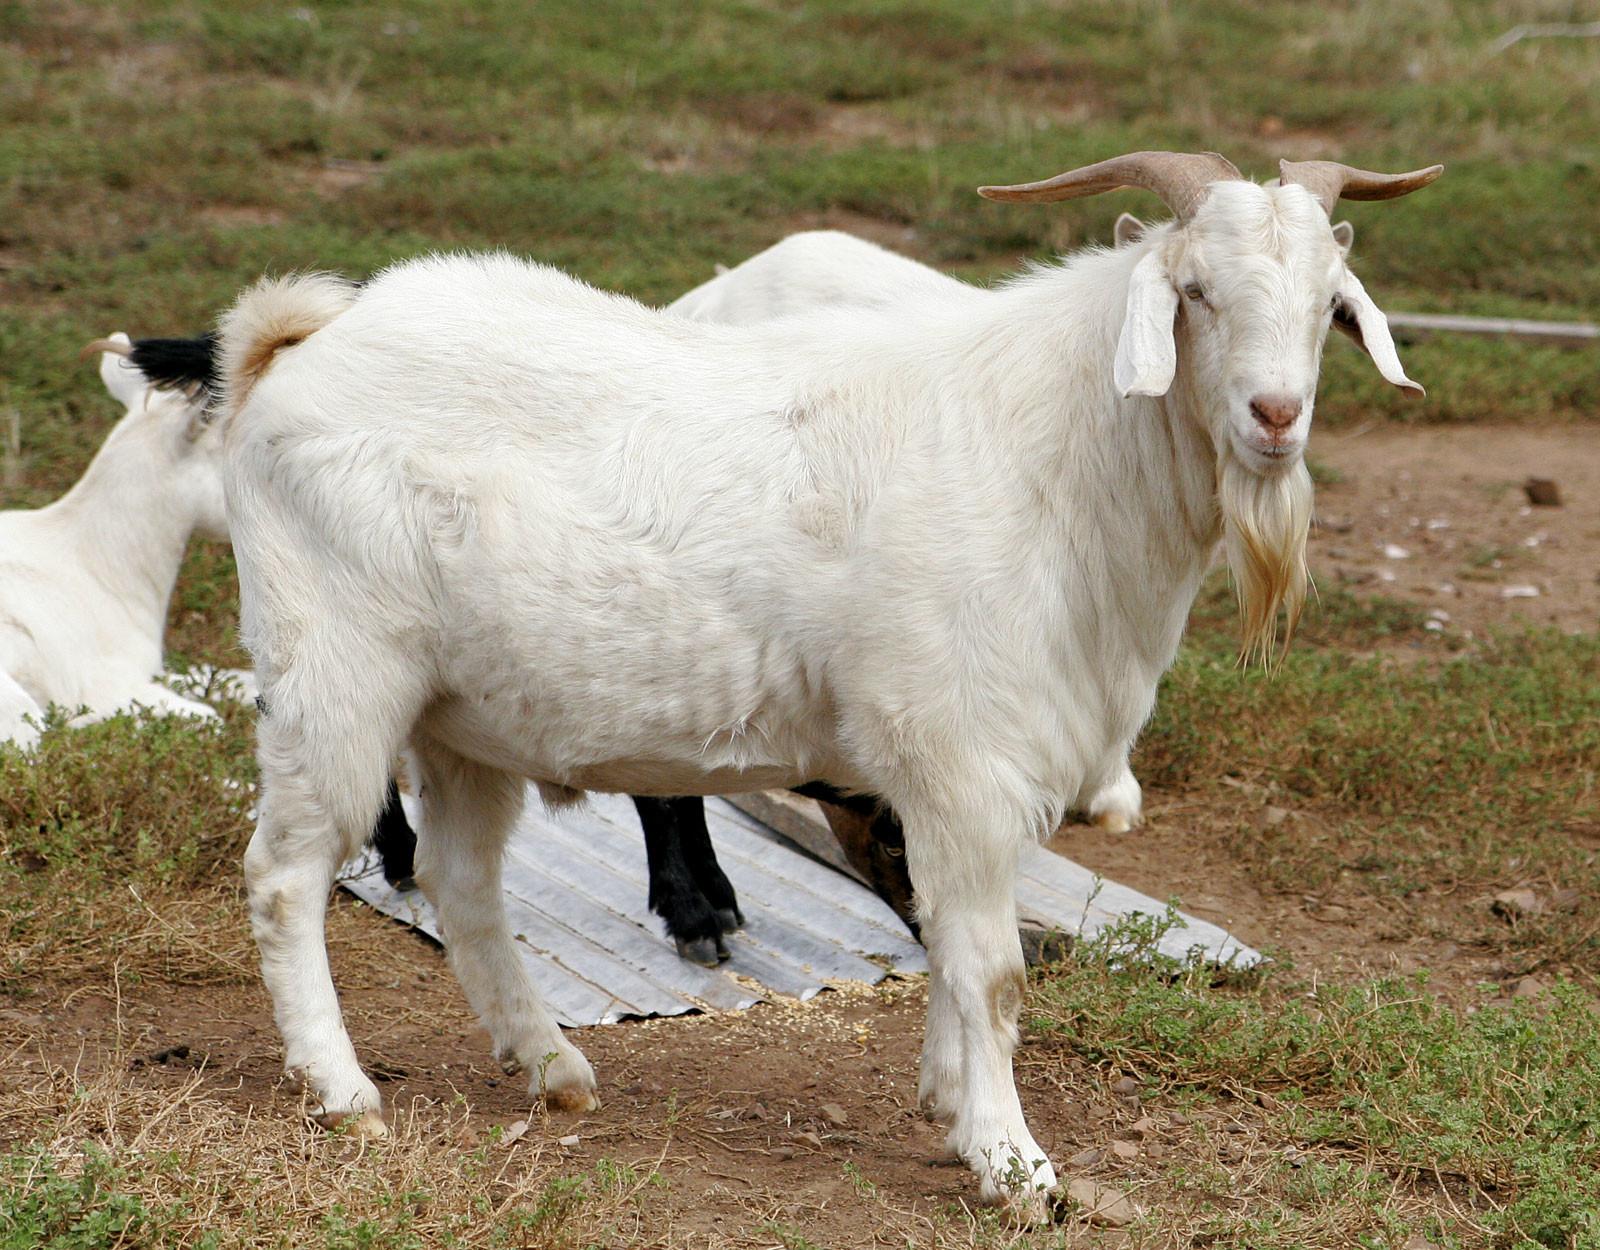 Y v billy goat